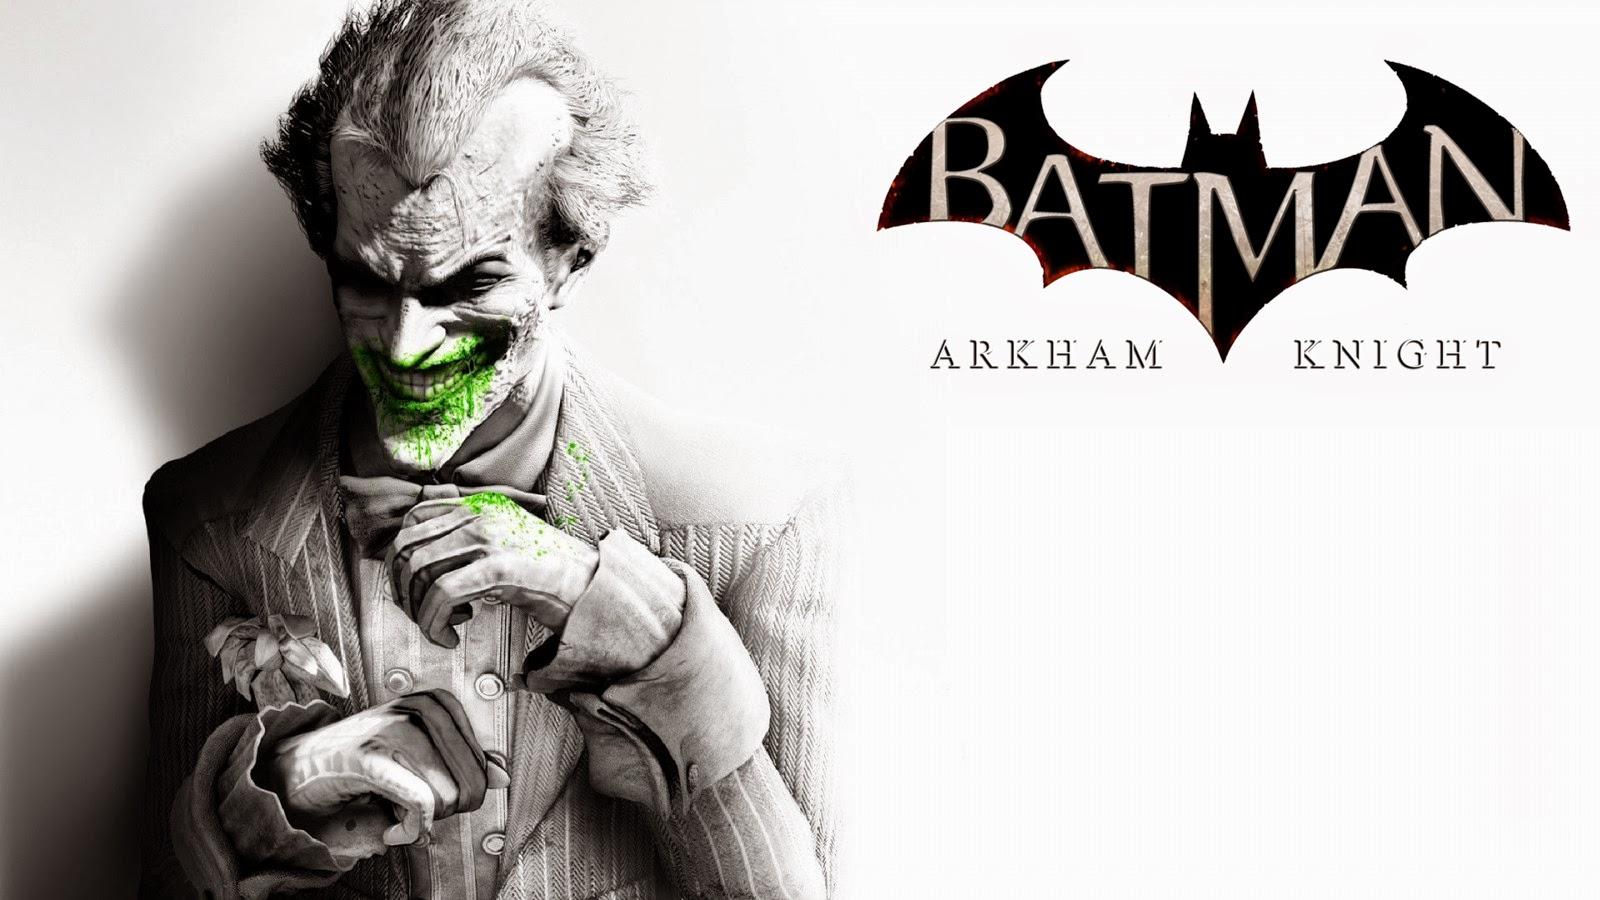 Эксклюзивность Batman: Arkham Knight для PS 4 в Японии – сумасшествие или хороший маркетинговый ход?